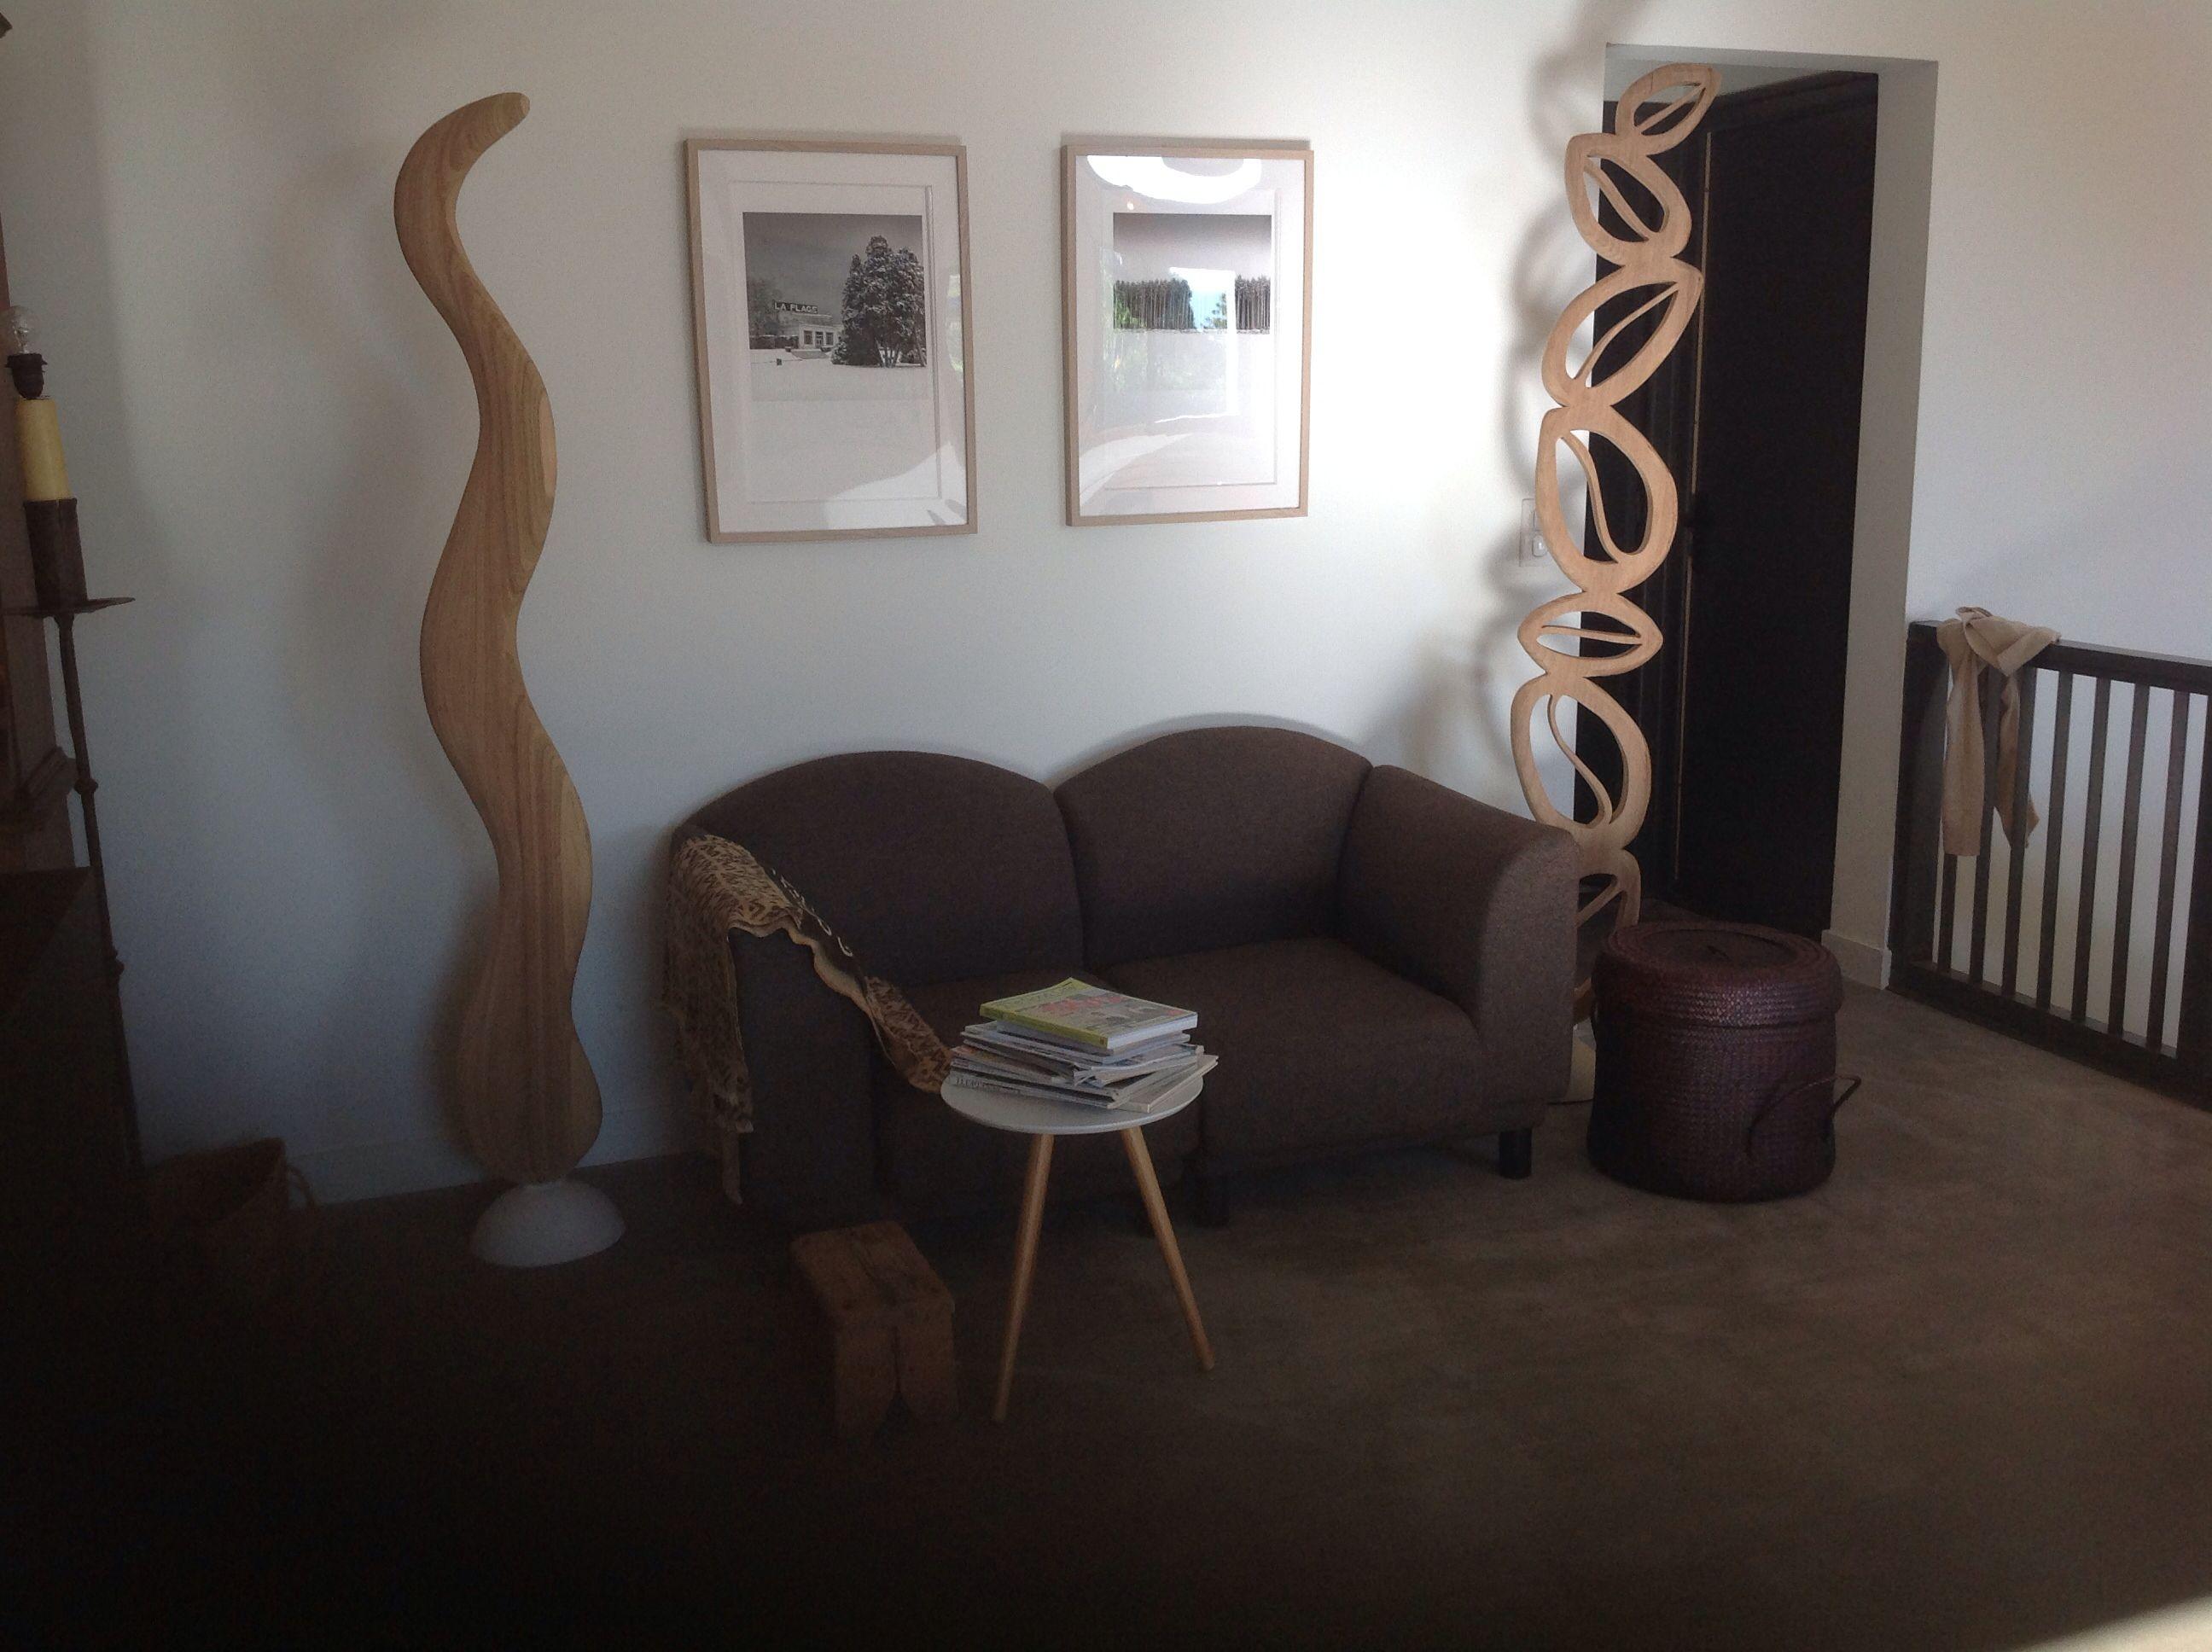 Iroko wooden sculptures, for inside or outside  Pierretraversat.comq